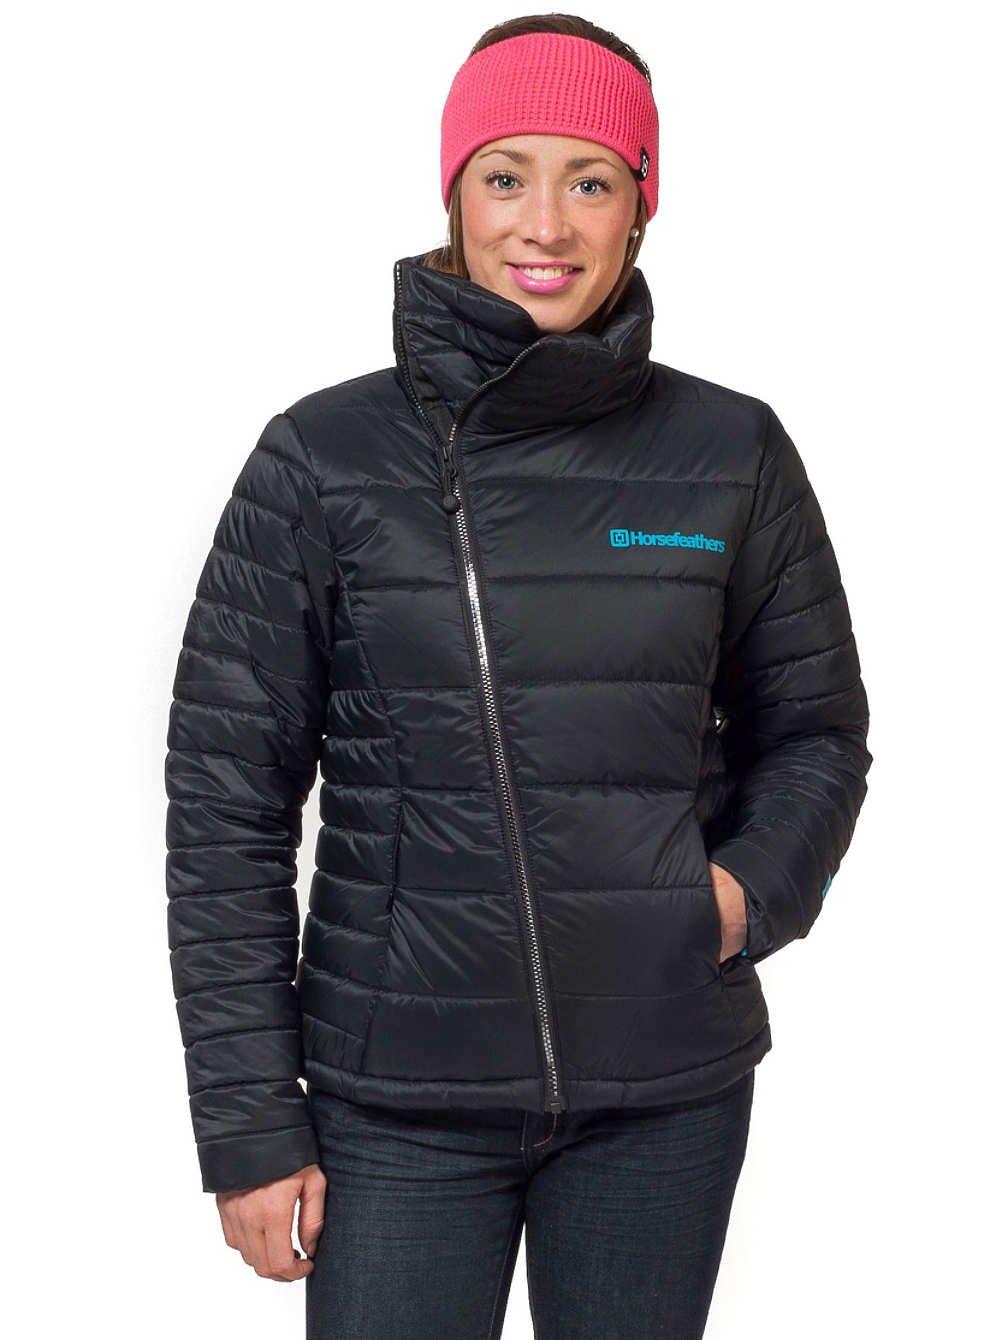 Damen Snowboard Jacke Horsefeathers Kristina Jacket günstig online kaufen